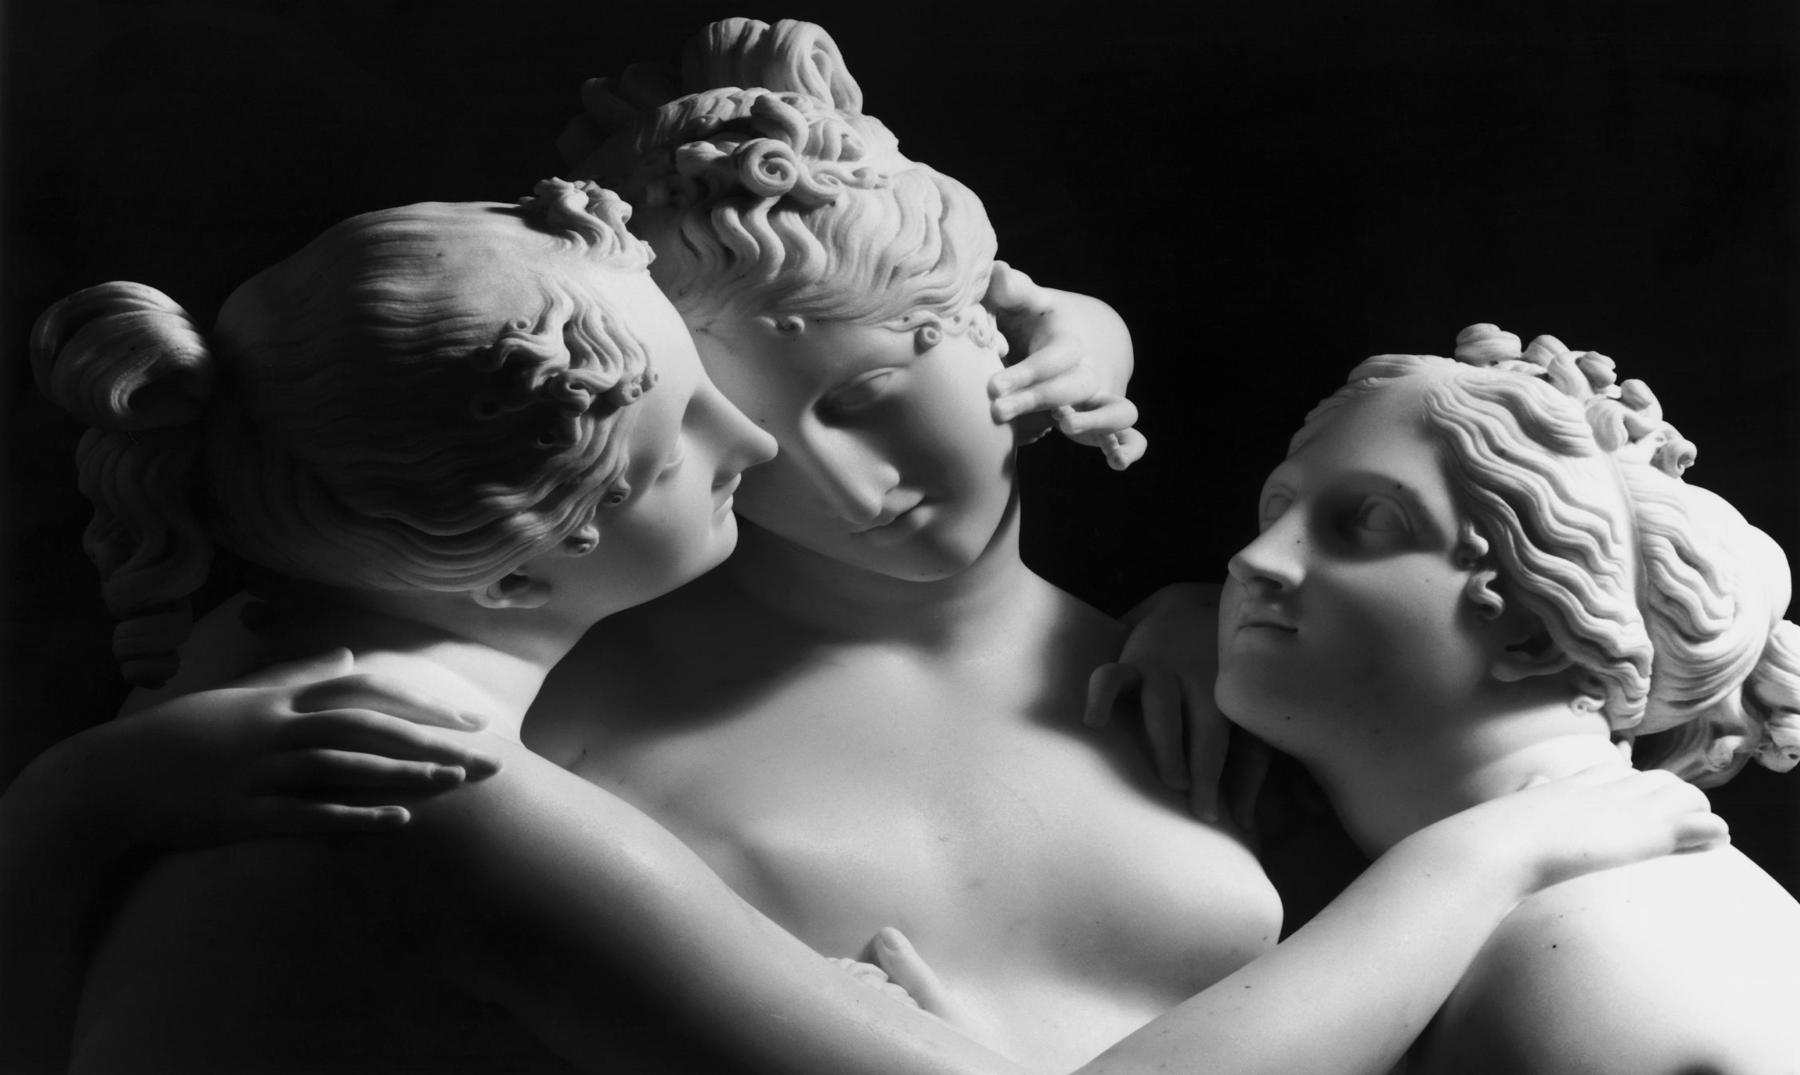 prostitutas en mojacar prostitutas imperio romano